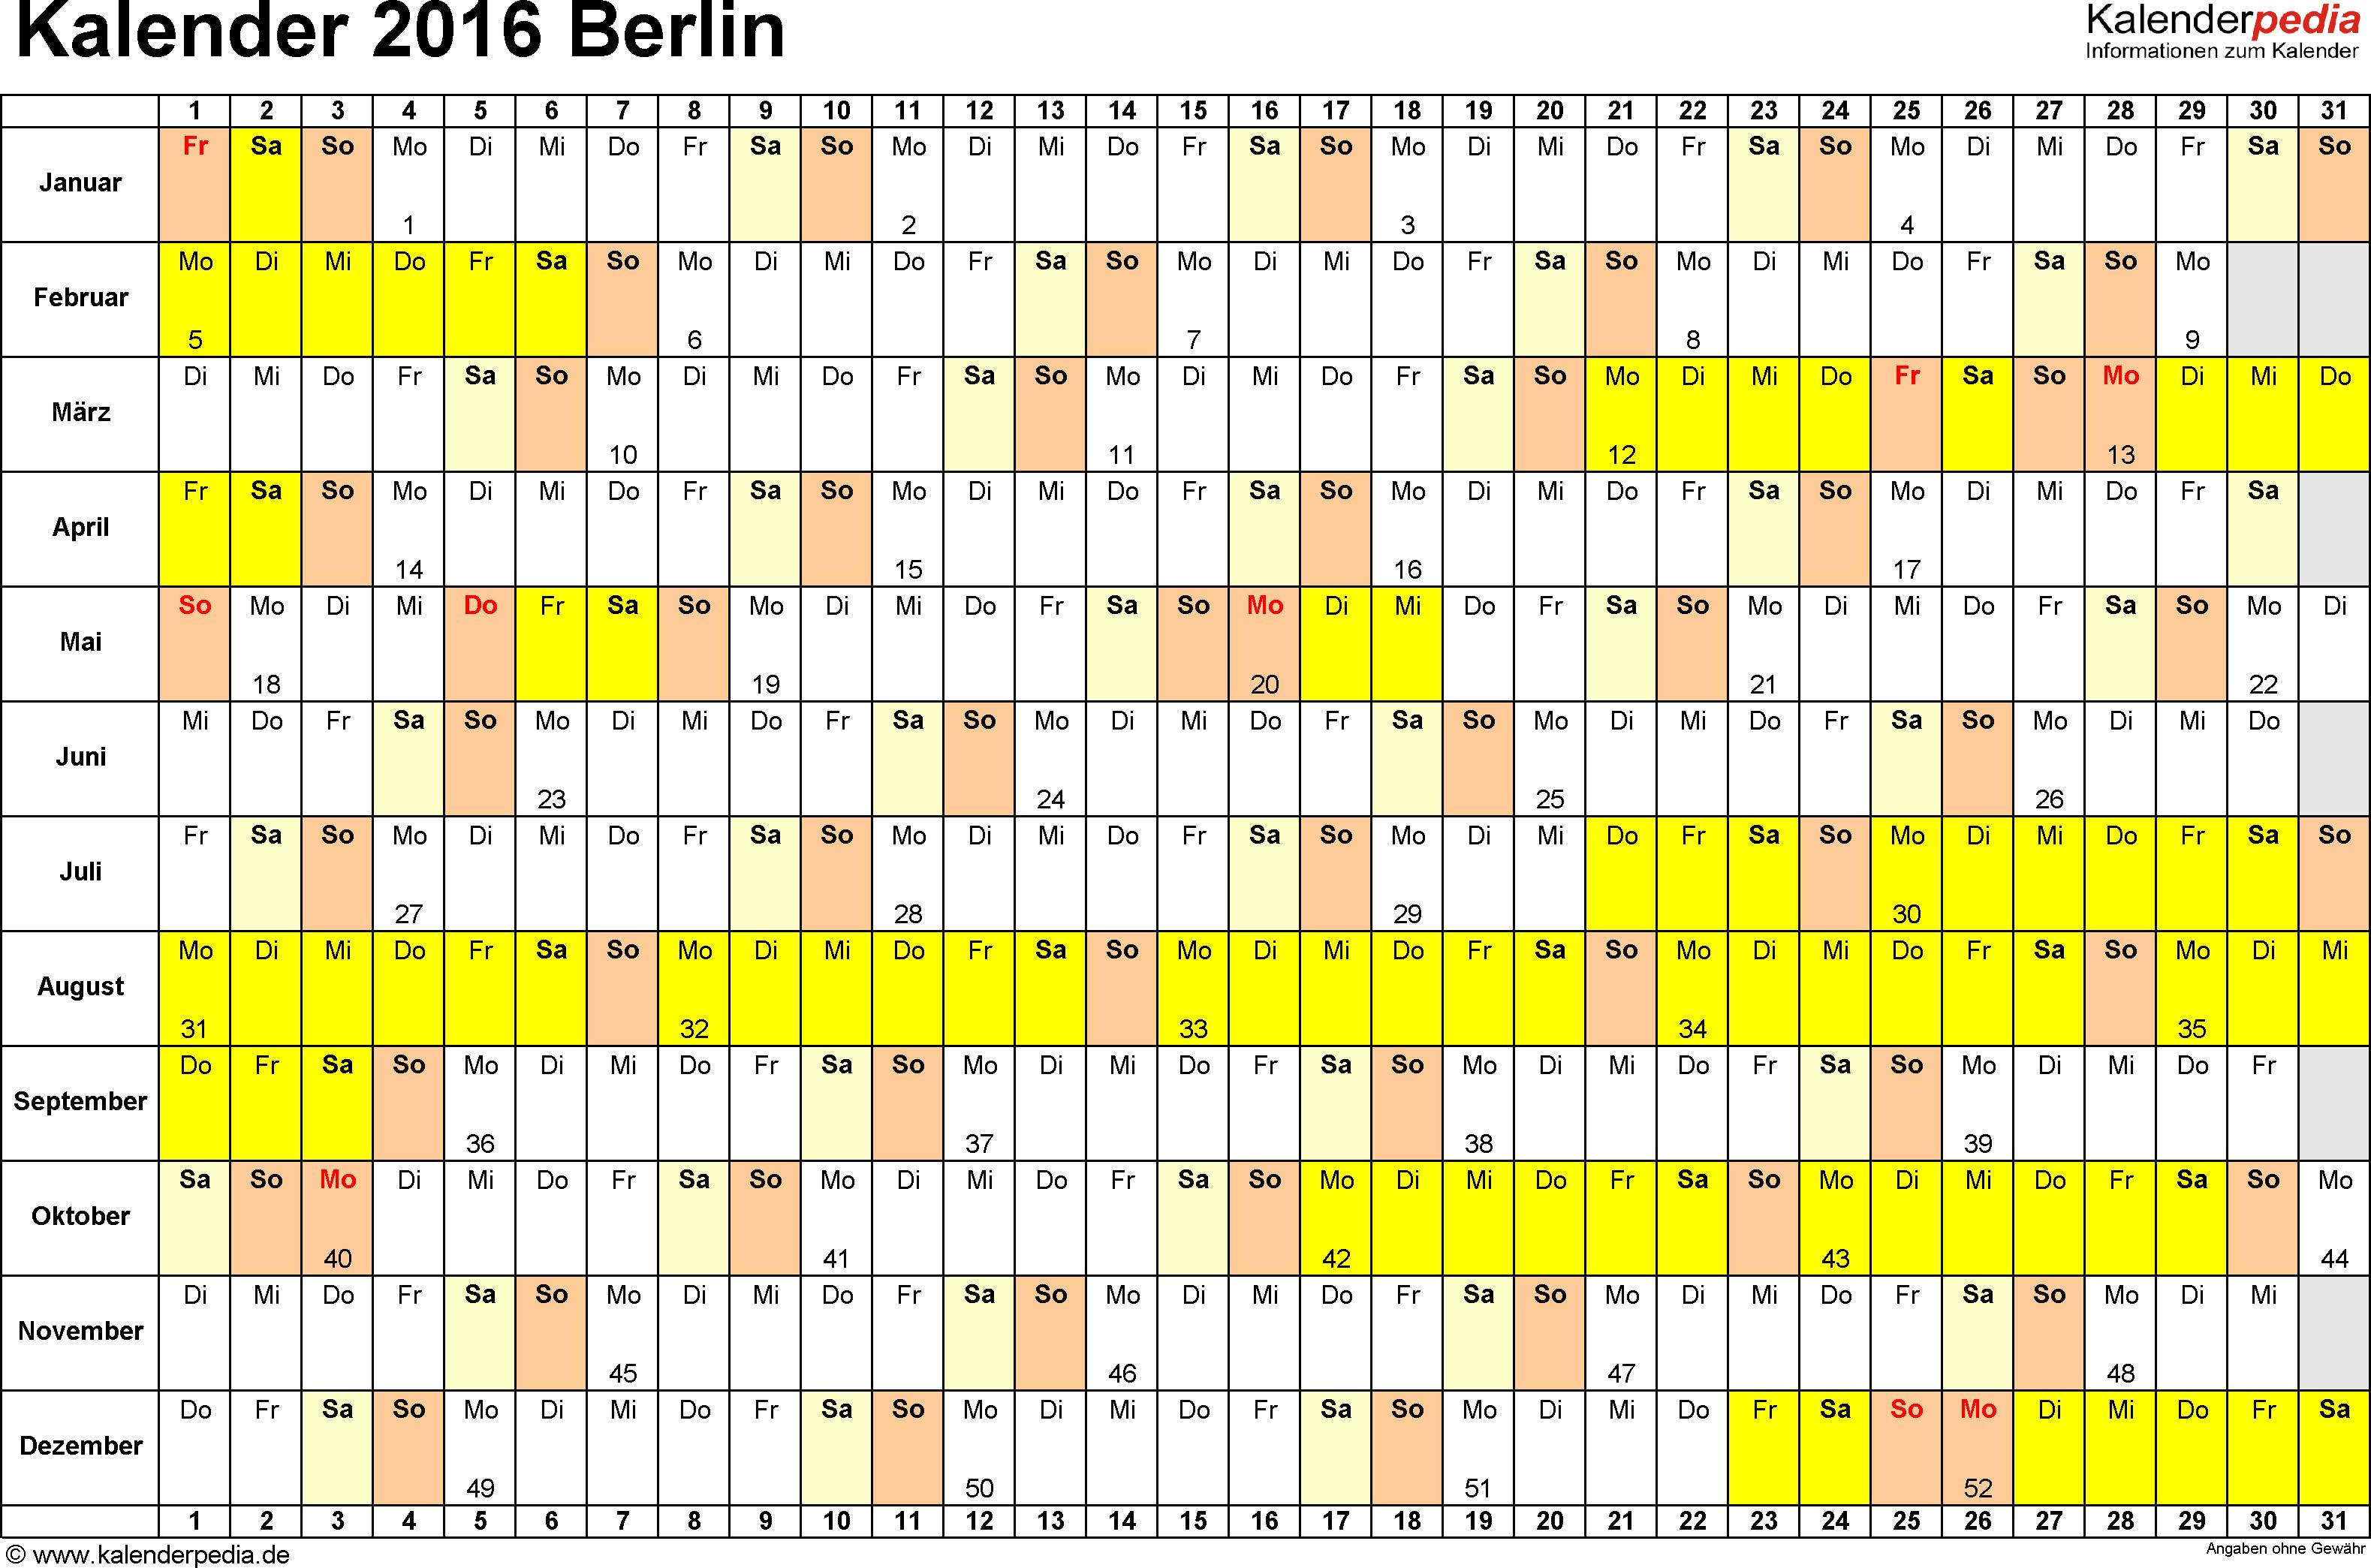 Vorlage 3: Kalender Berlin 2016 im Querformat, Tage nebeneinander